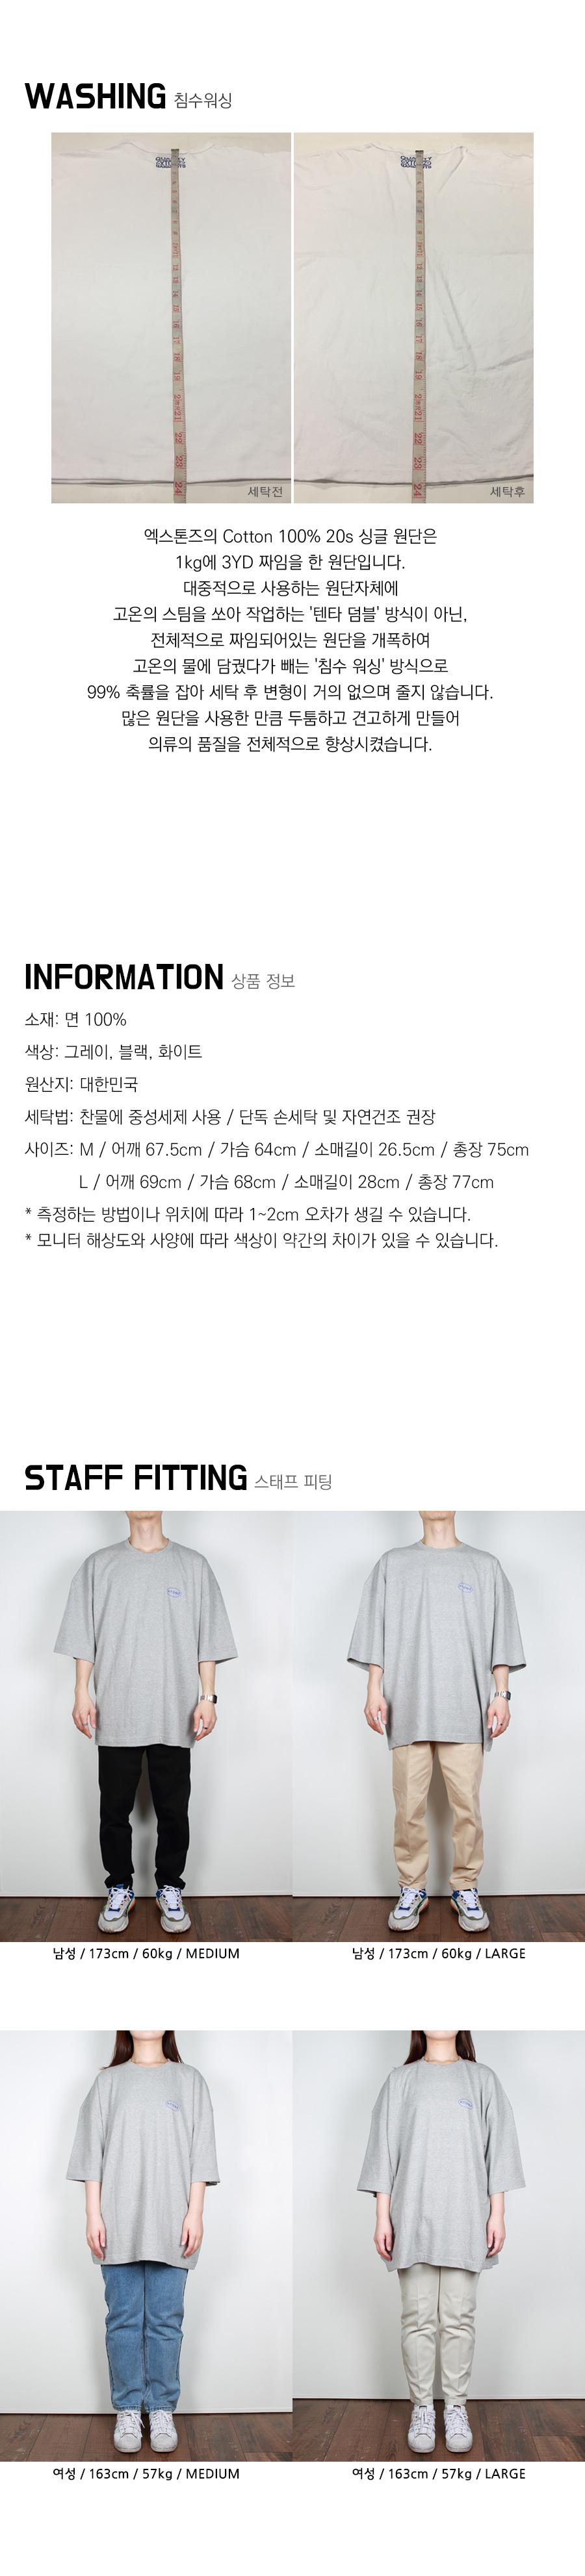 (단독가)엑스톤즈 XTT006 이테르 오버사이즈 티셔츠 (GRAY)